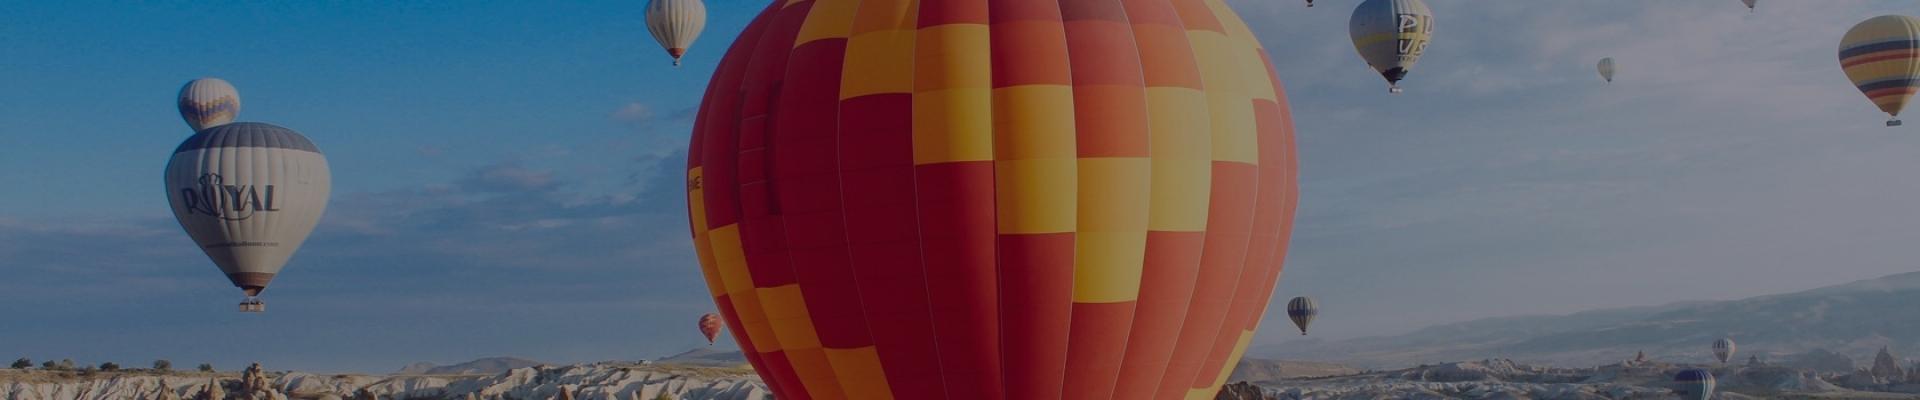 Hot air ballooning in Pushkar, Rajasthan, India